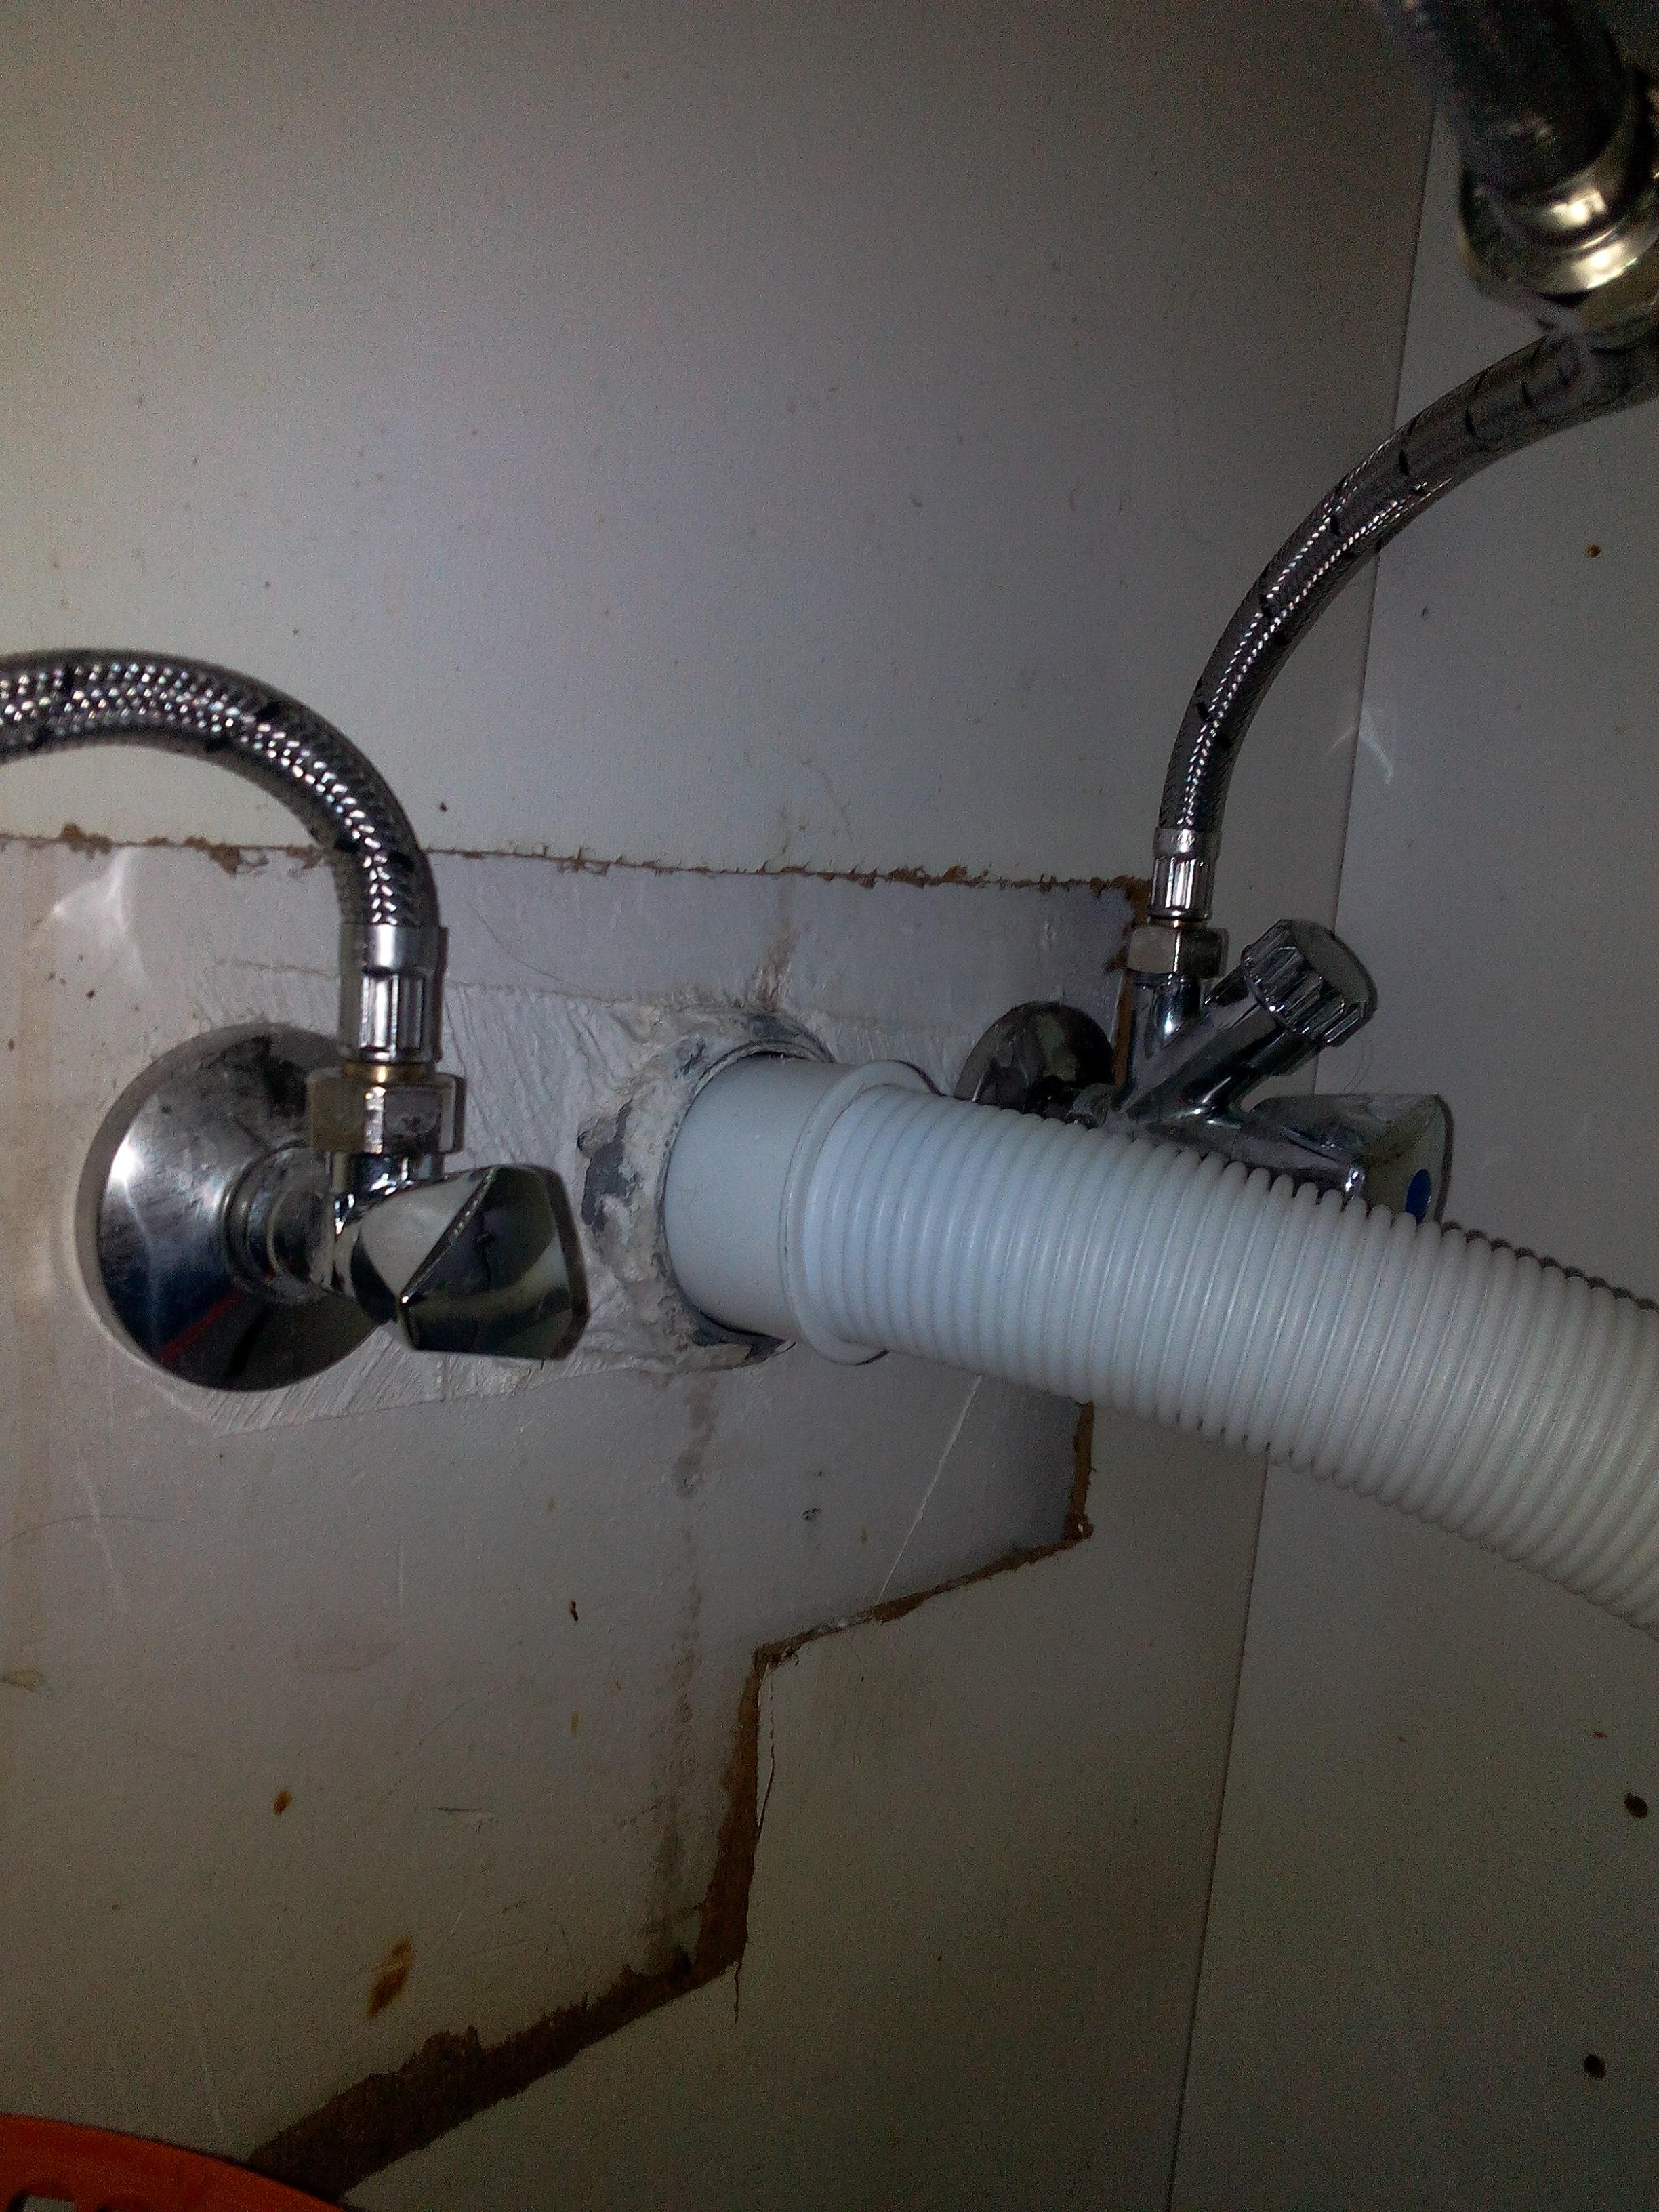 ist das ein hochdruck wasseranschluss? (küche, armatur)